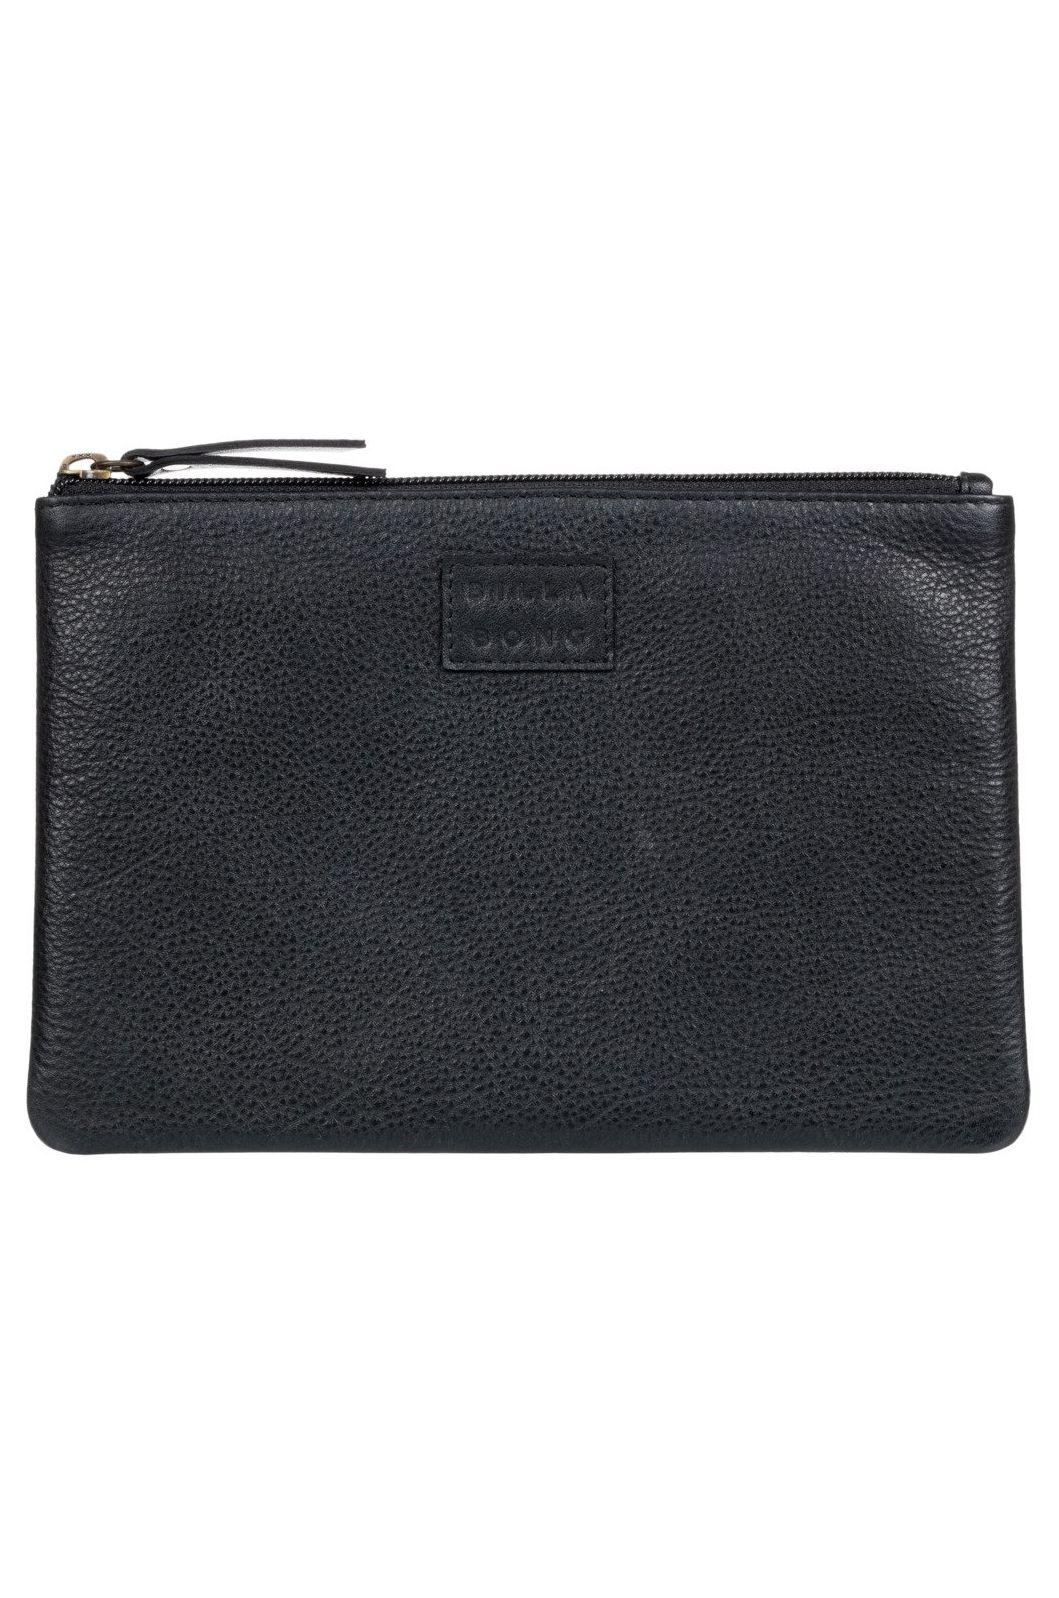 Billabong Leather Wallet LEATHER WALLET Black